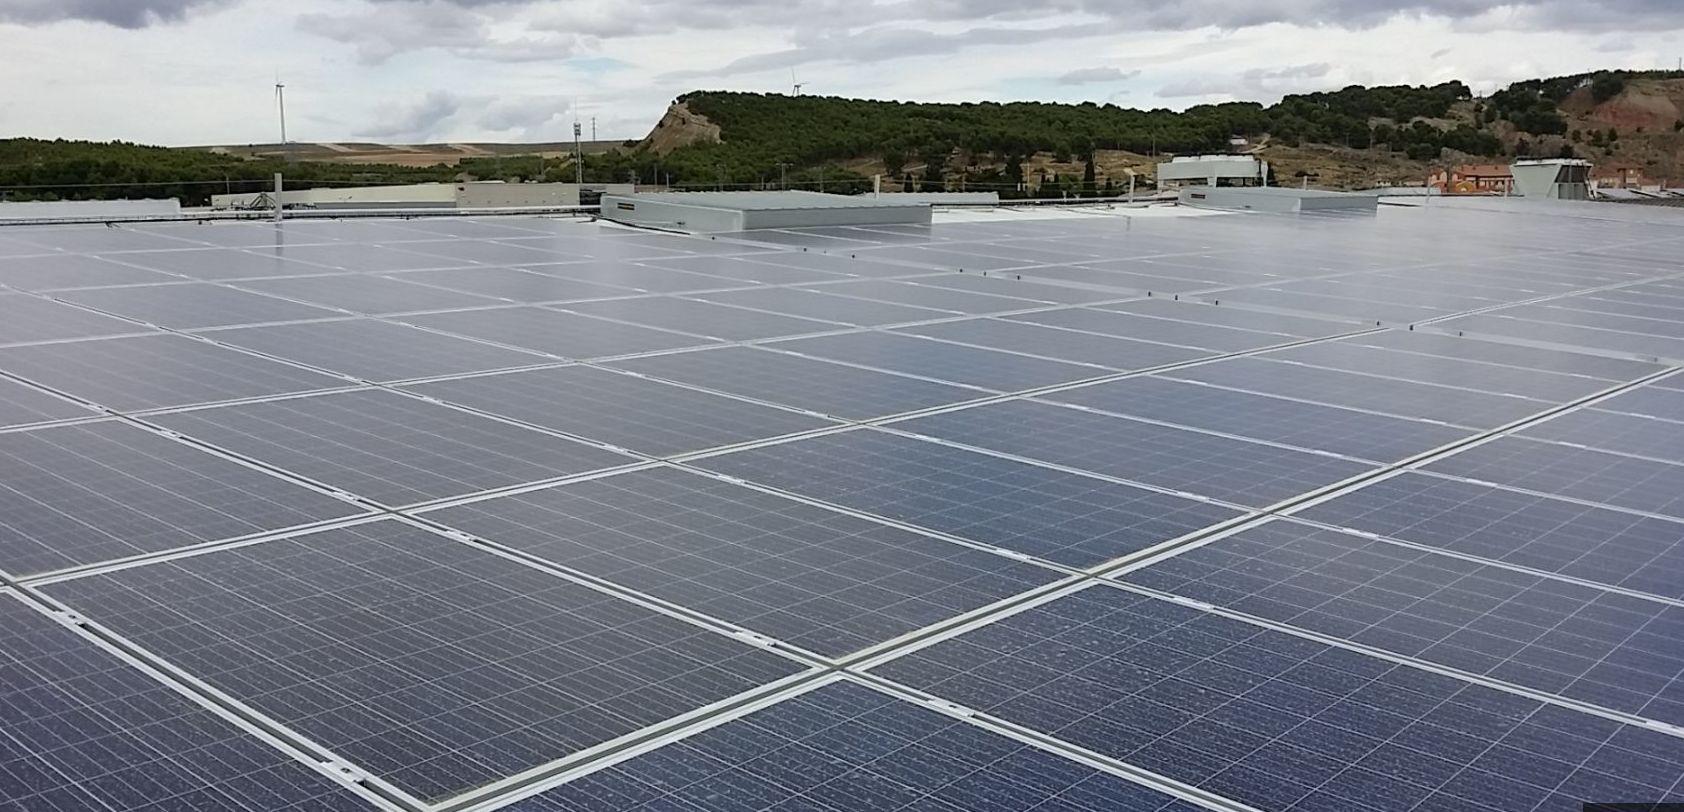 Energías renovables, instalación fotovoltaica para autoconsumo en almacén de fruta Gumiel y Mendia Navarra